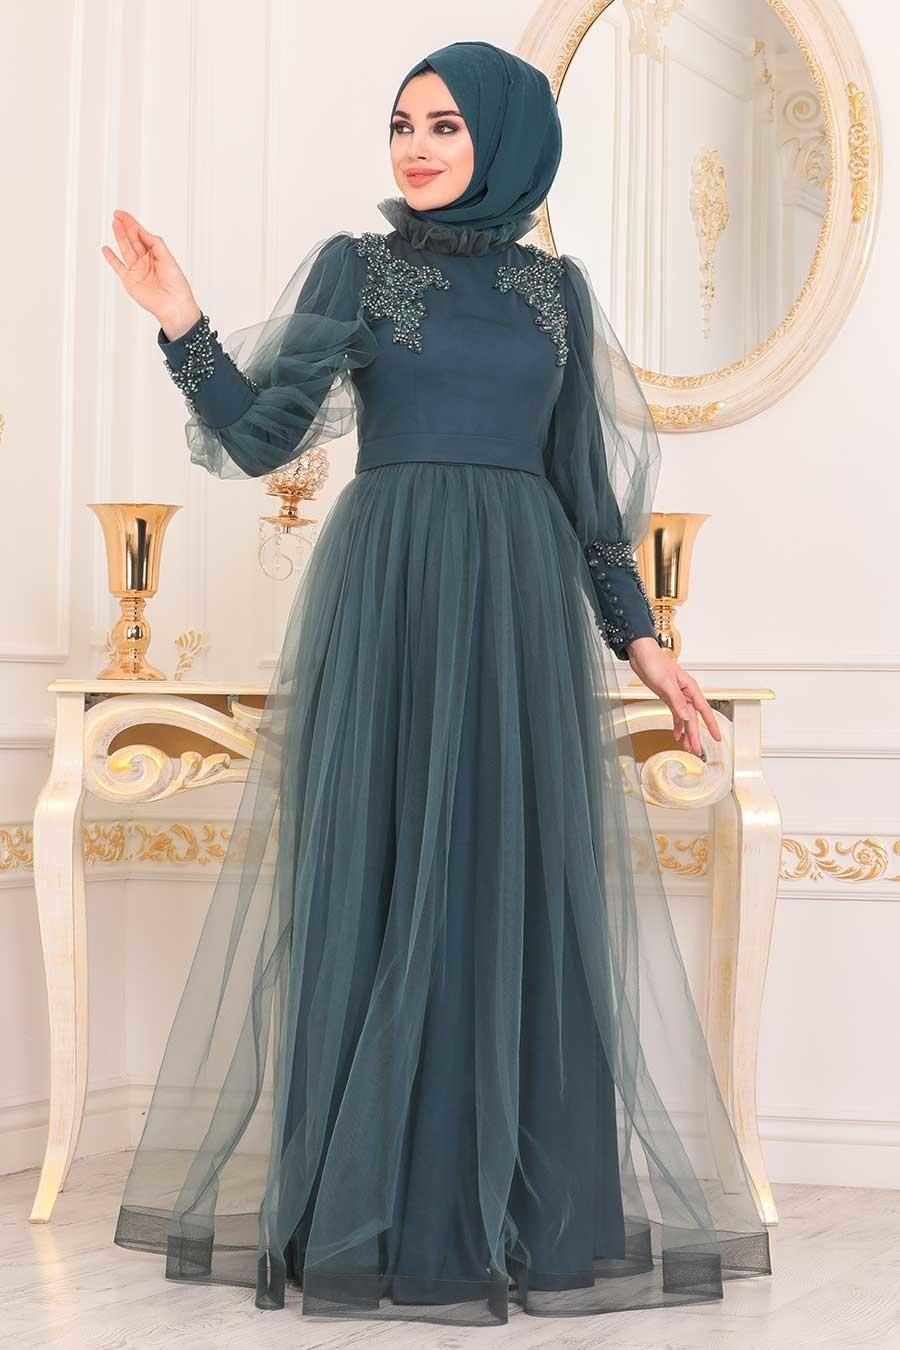 Tesettürlü Abiye Elbise - Boncuk Detaylı Petrol Yeşili Tesettür Abiye Elbise 40320PY